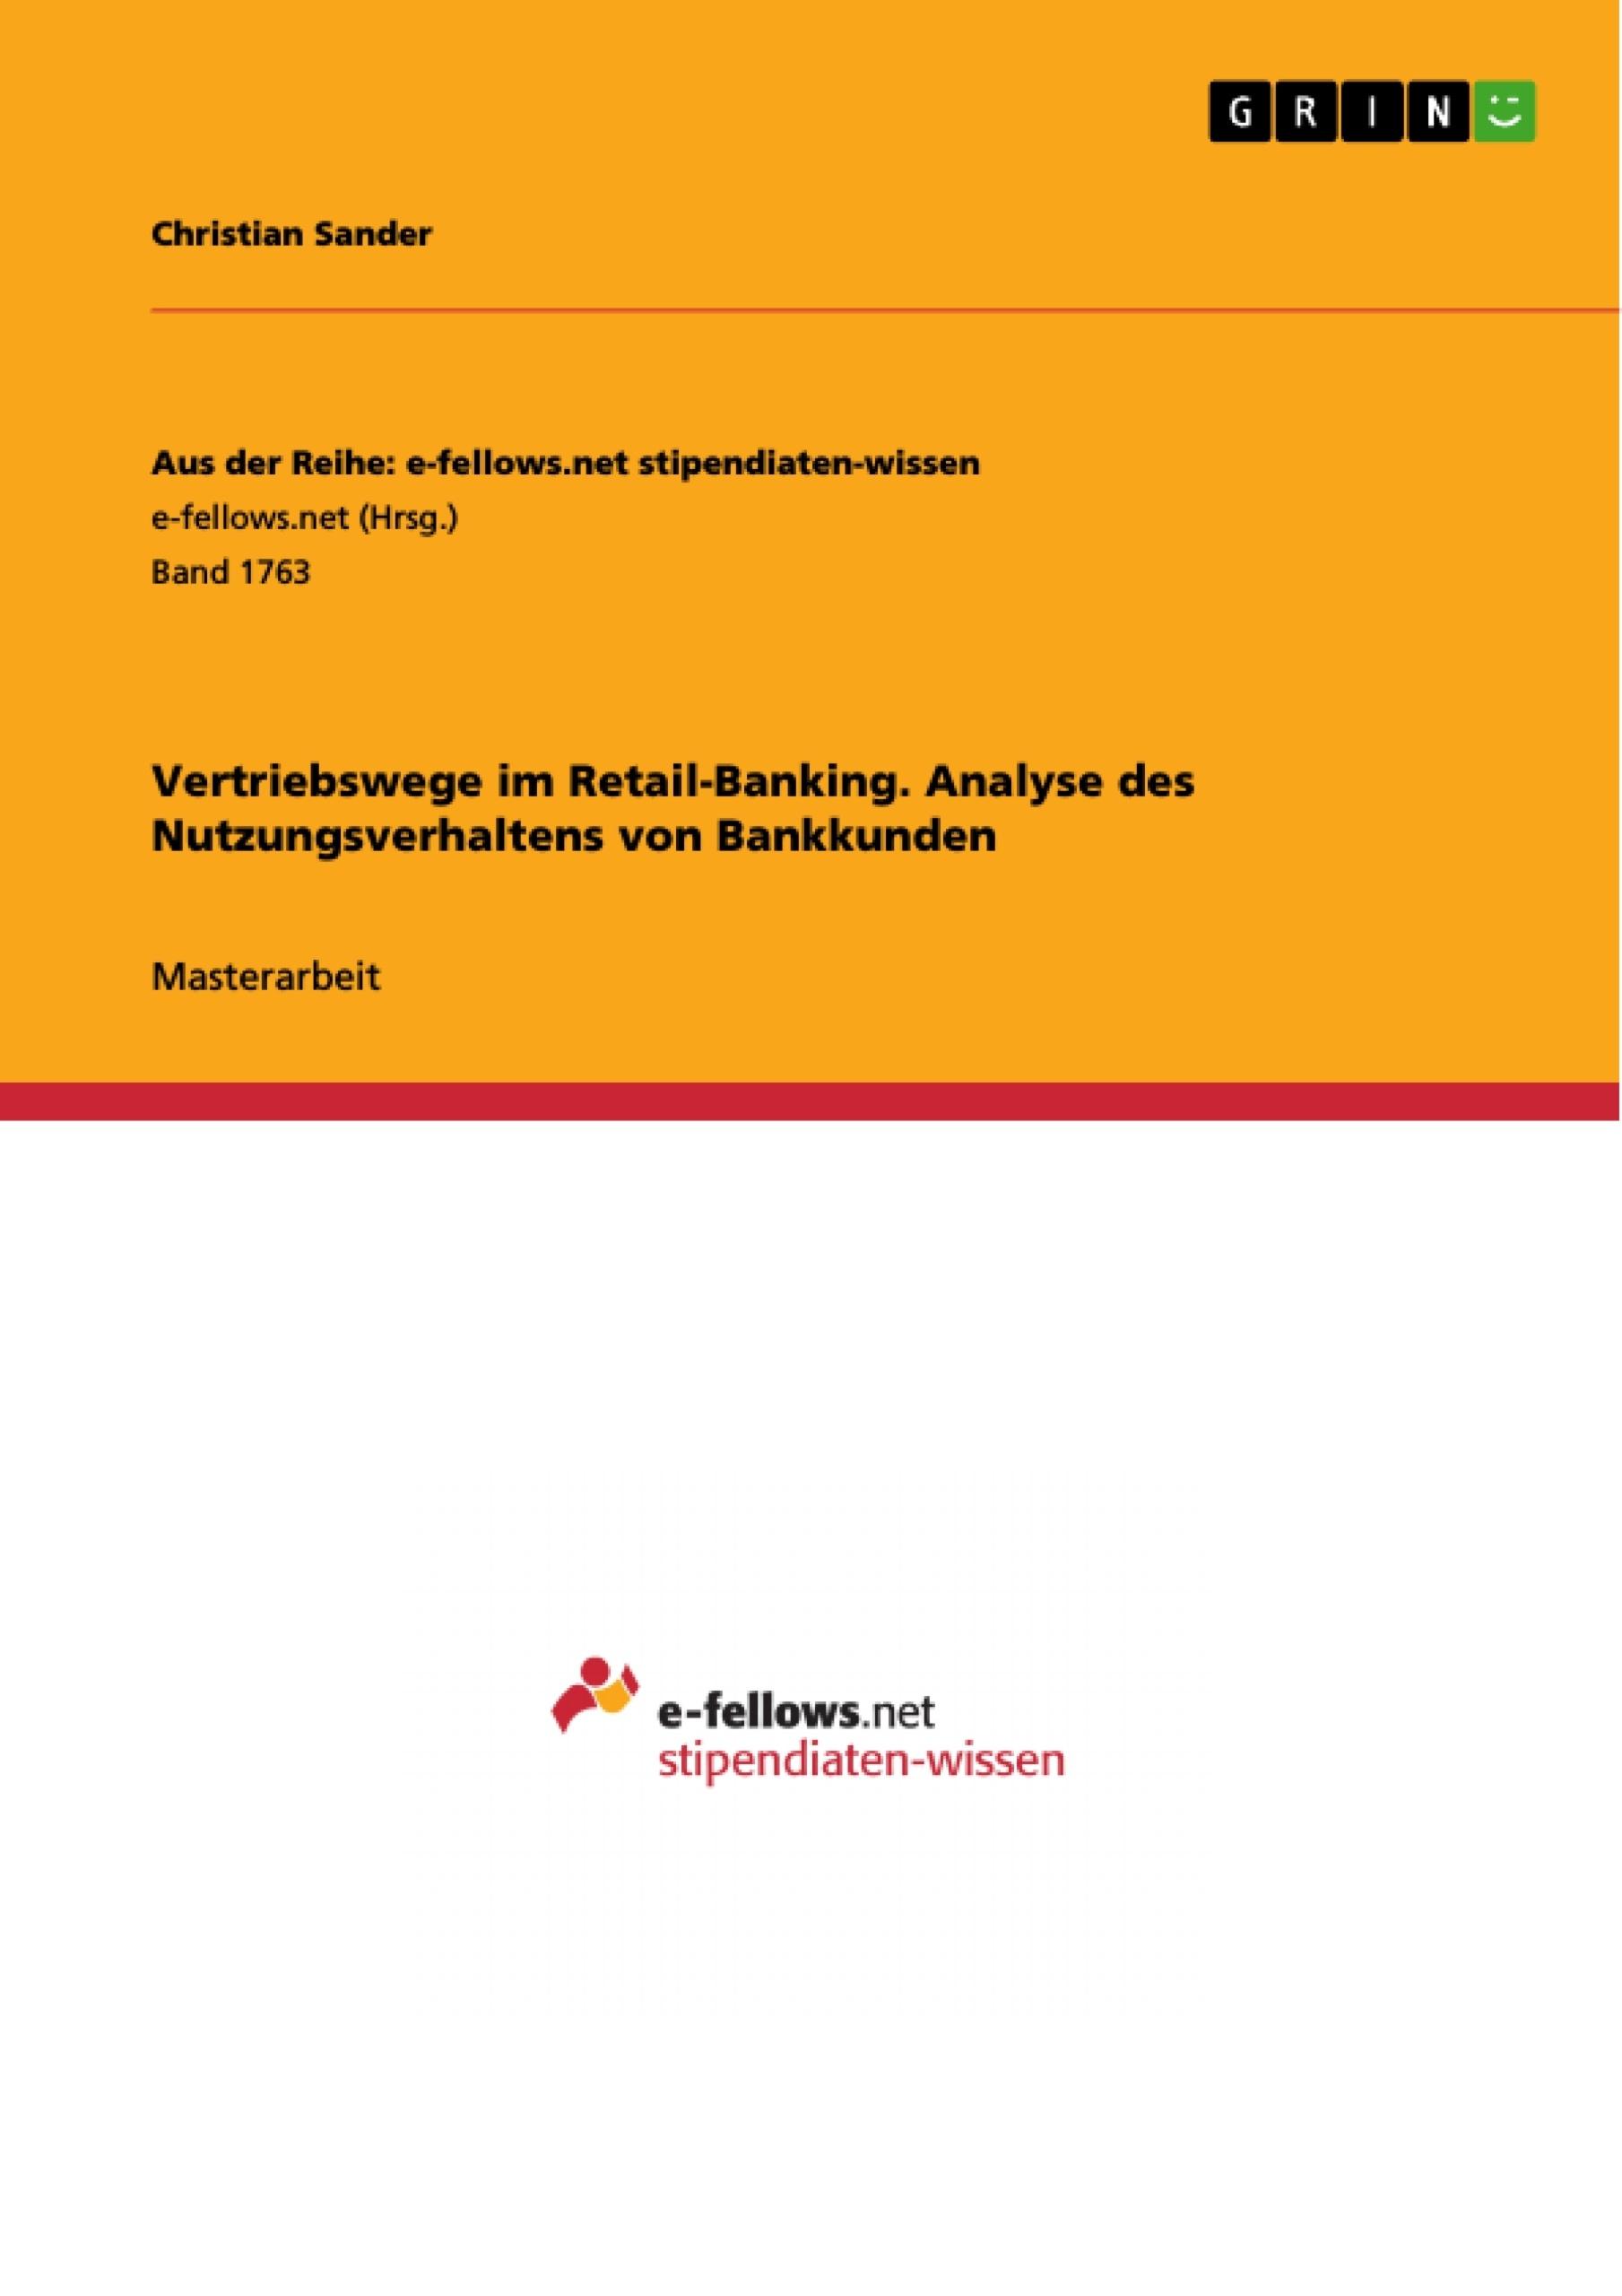 Titel: Vertriebswege im Retail-Banking. Analyse des Nutzungsverhaltens von Bankkunden